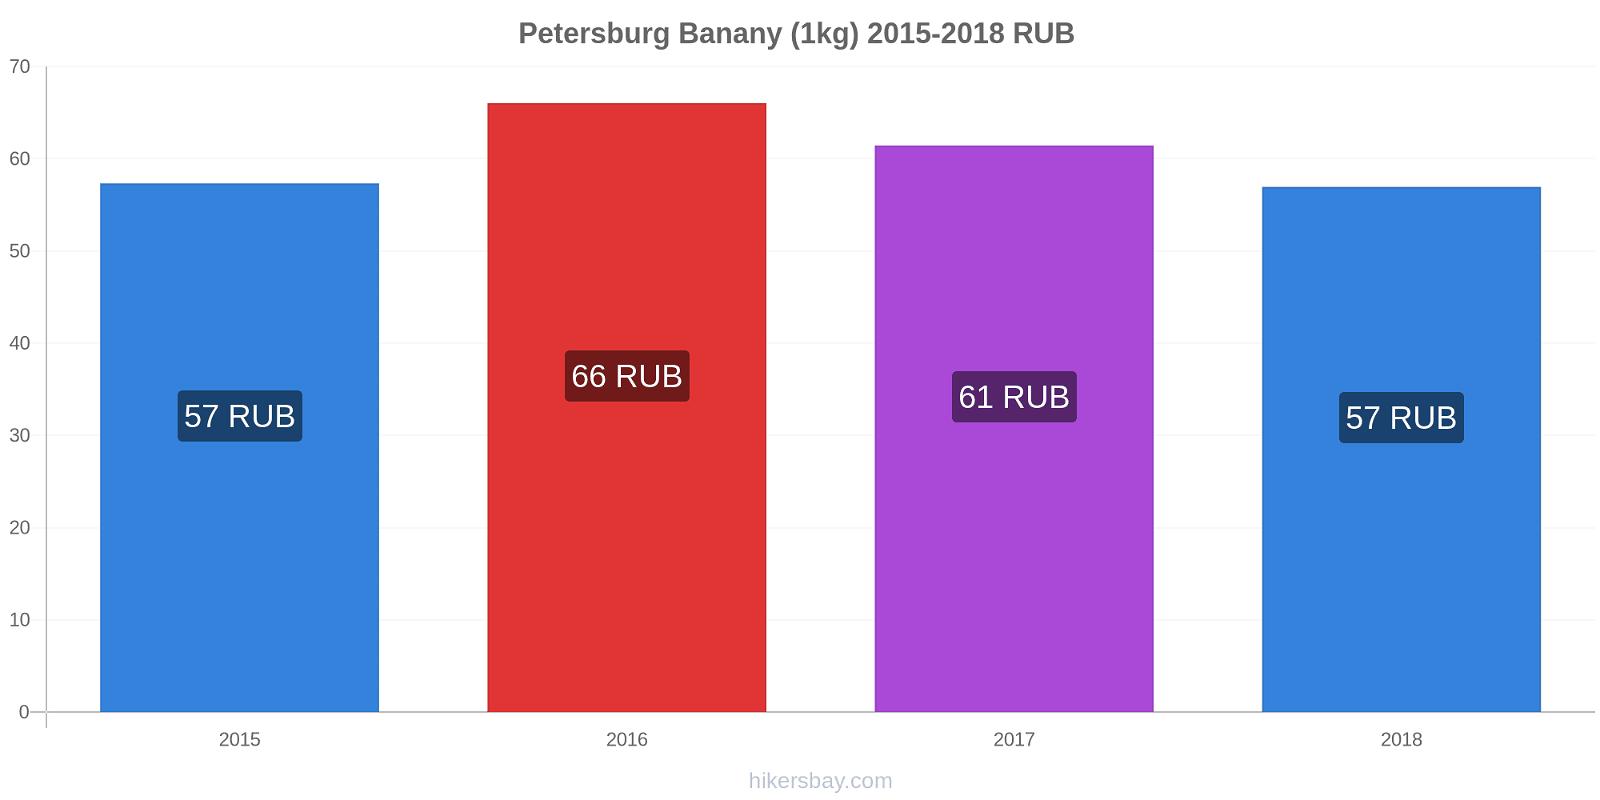 Petersburg zmiany cen Banany (1kg) hikersbay.com